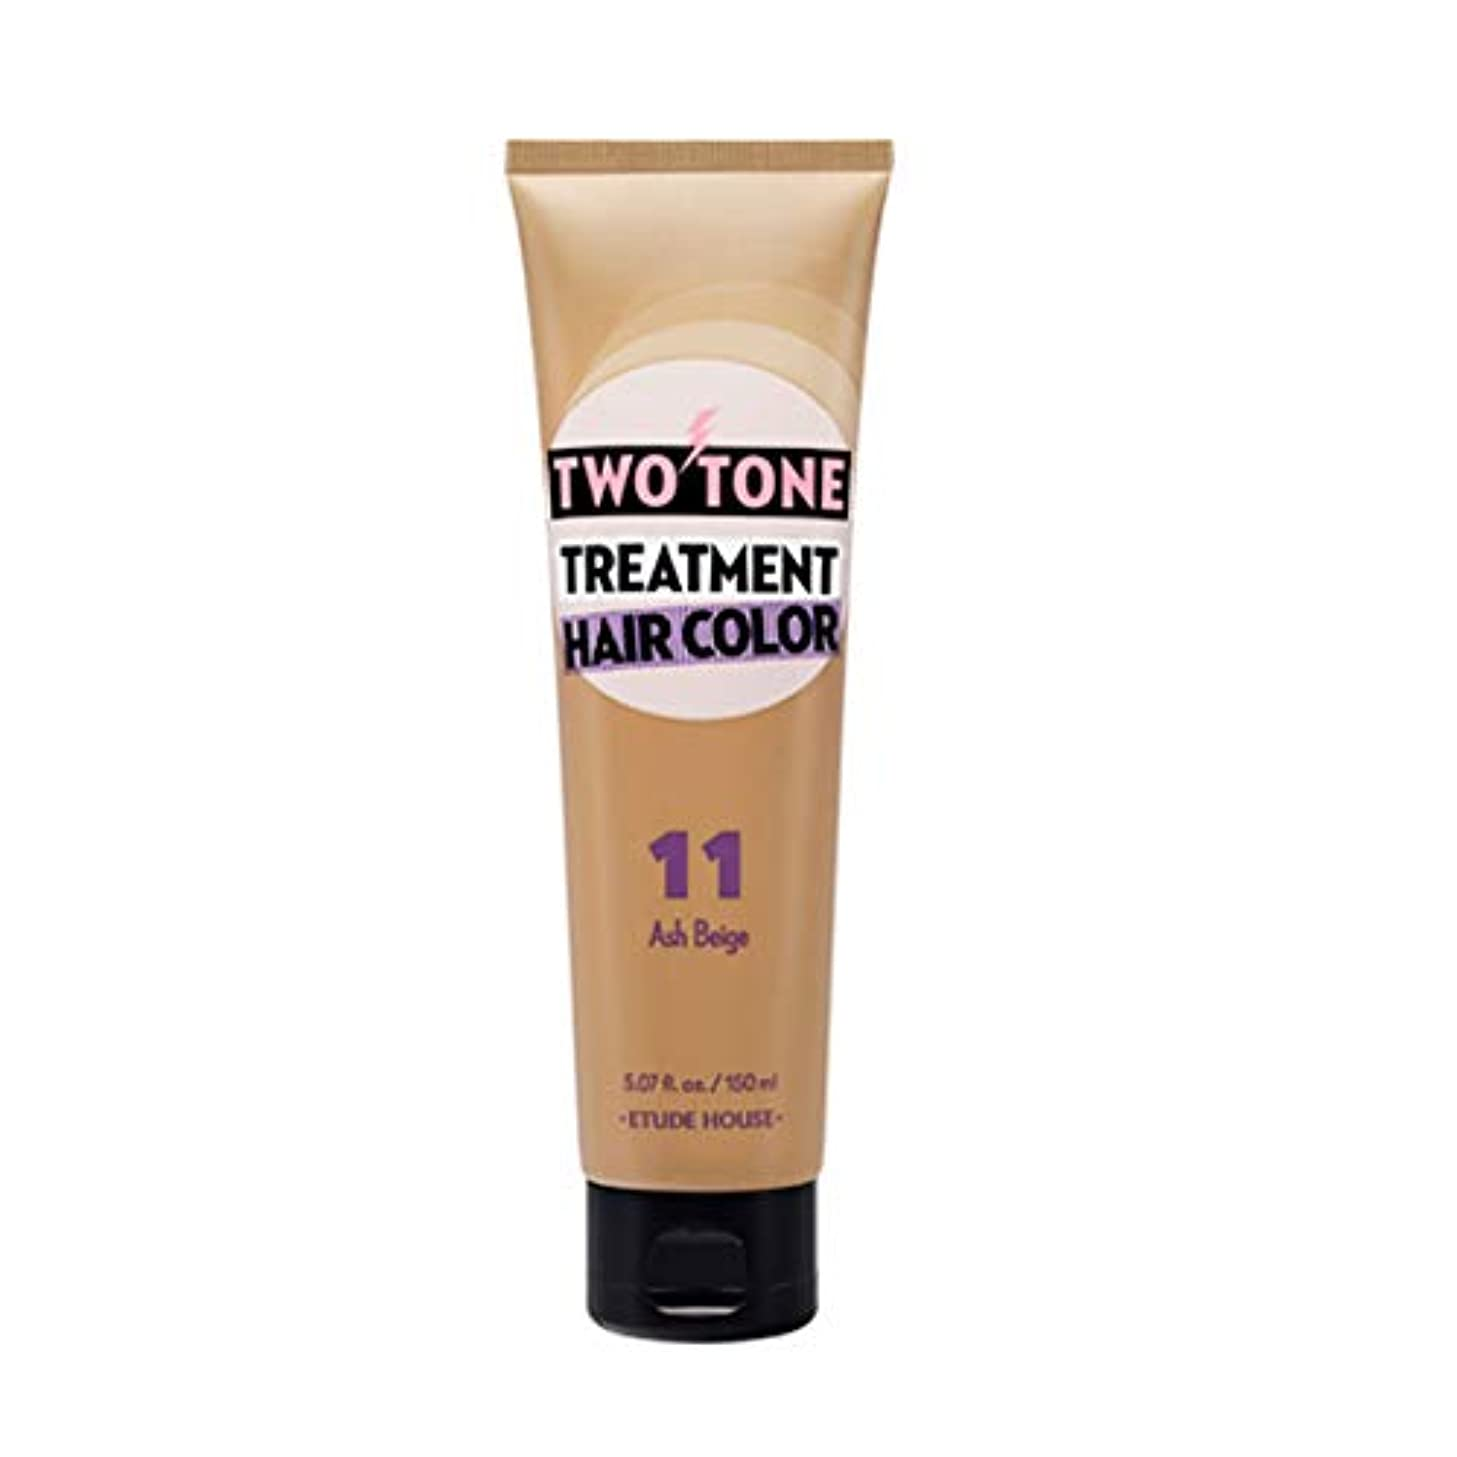 露骨なデッドロック注入ETUDE HOUSE Two Tone Treatment Hair Color (#11 Ash Beige) エチュードハウス ツートントリートメントヘアカラー150ml (#11 アッシュベージュ)